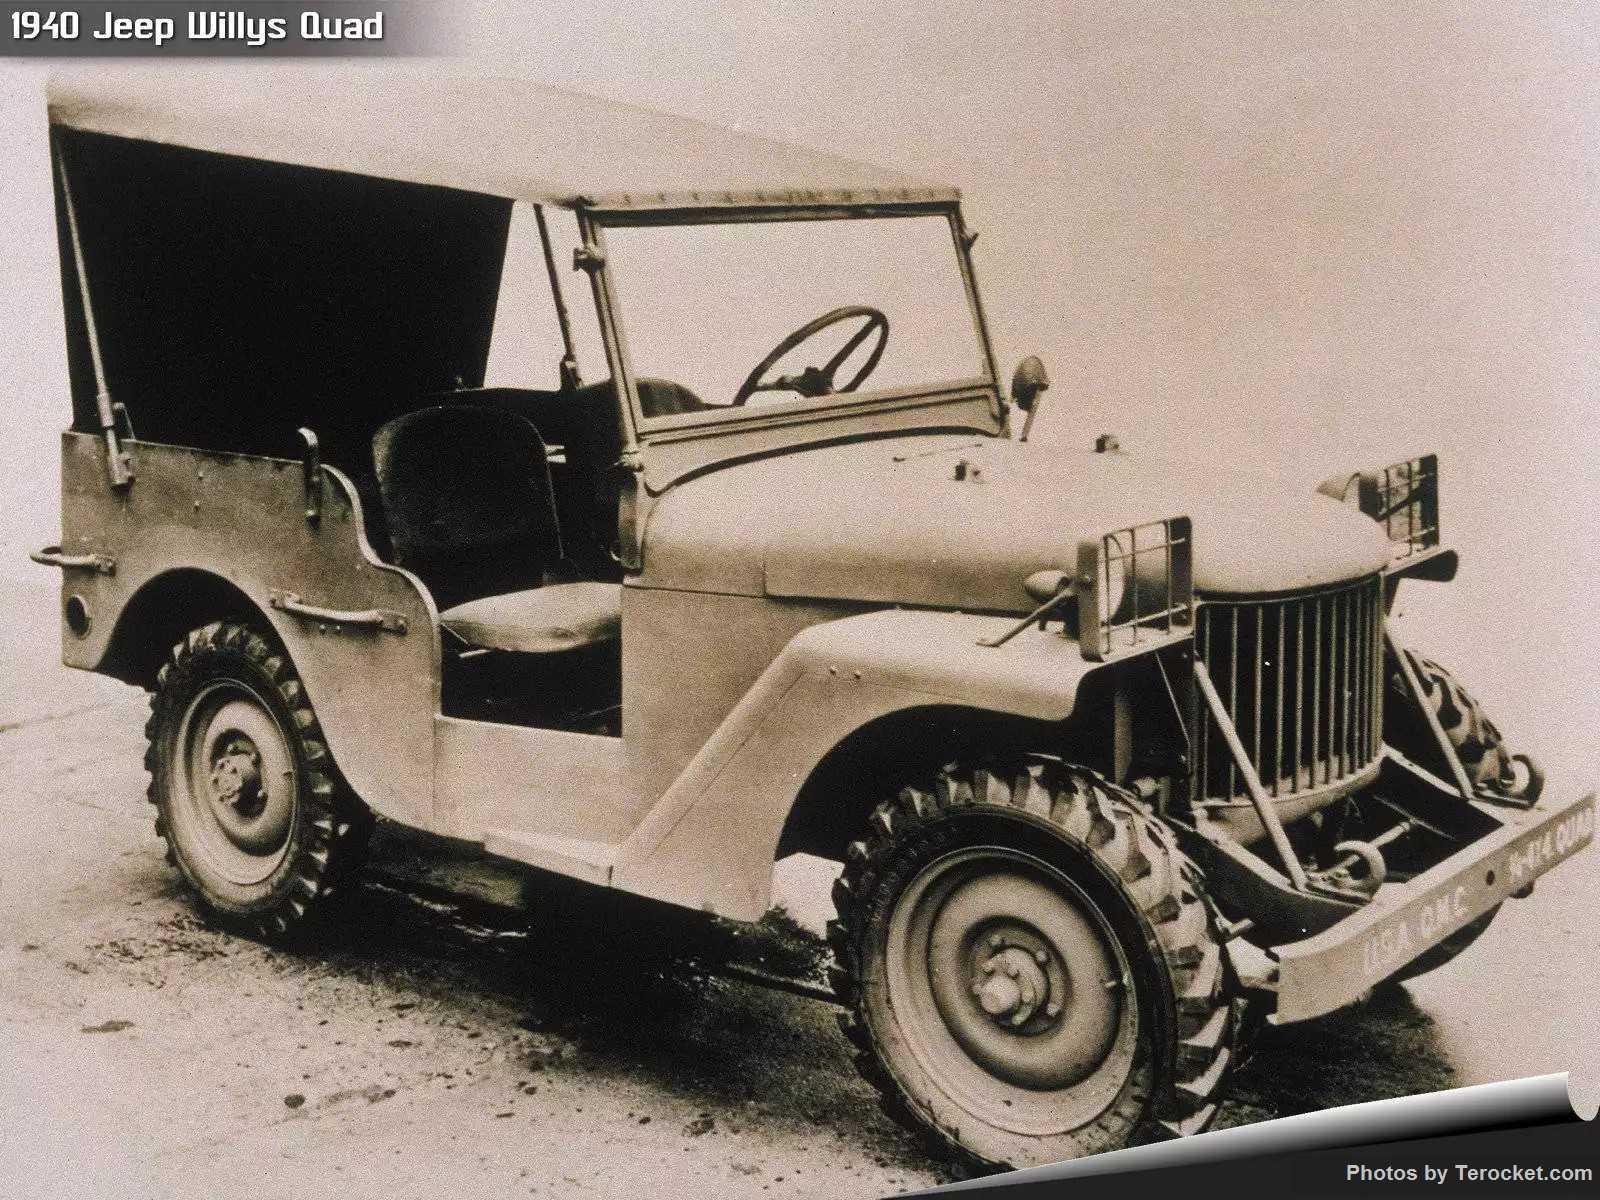 Hình ảnh xe ô tô Jeep Willys Quad 1940 & nội ngoại thất